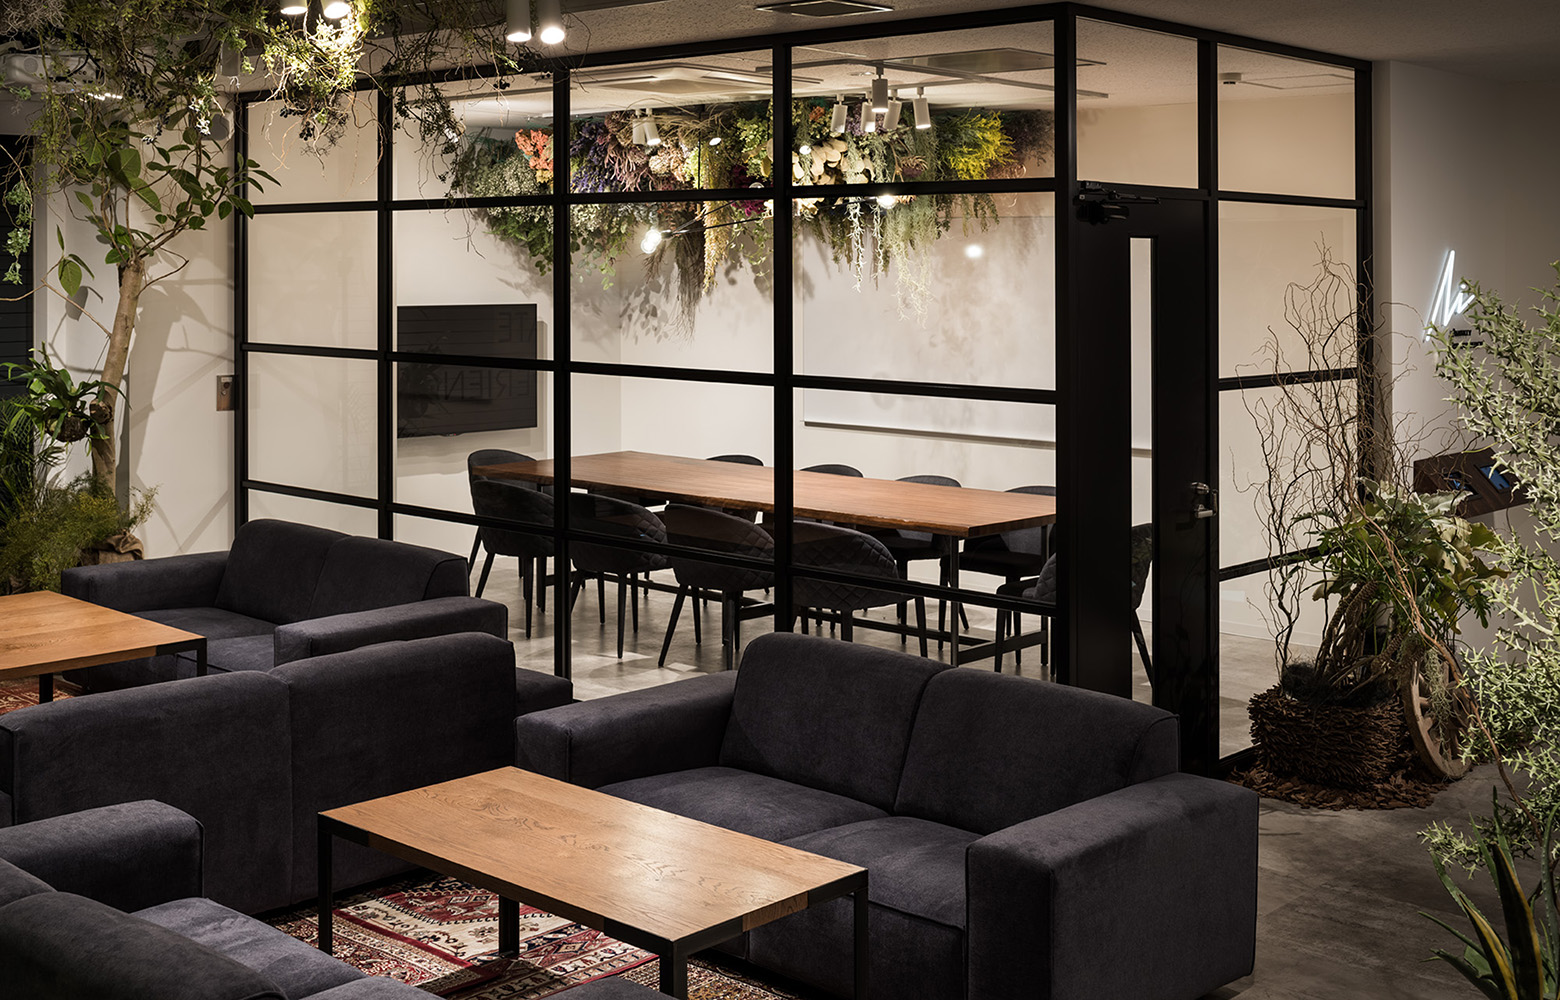 株式会社Avirity Information Open Space & Meeting Room デザイン・レイアウト事例